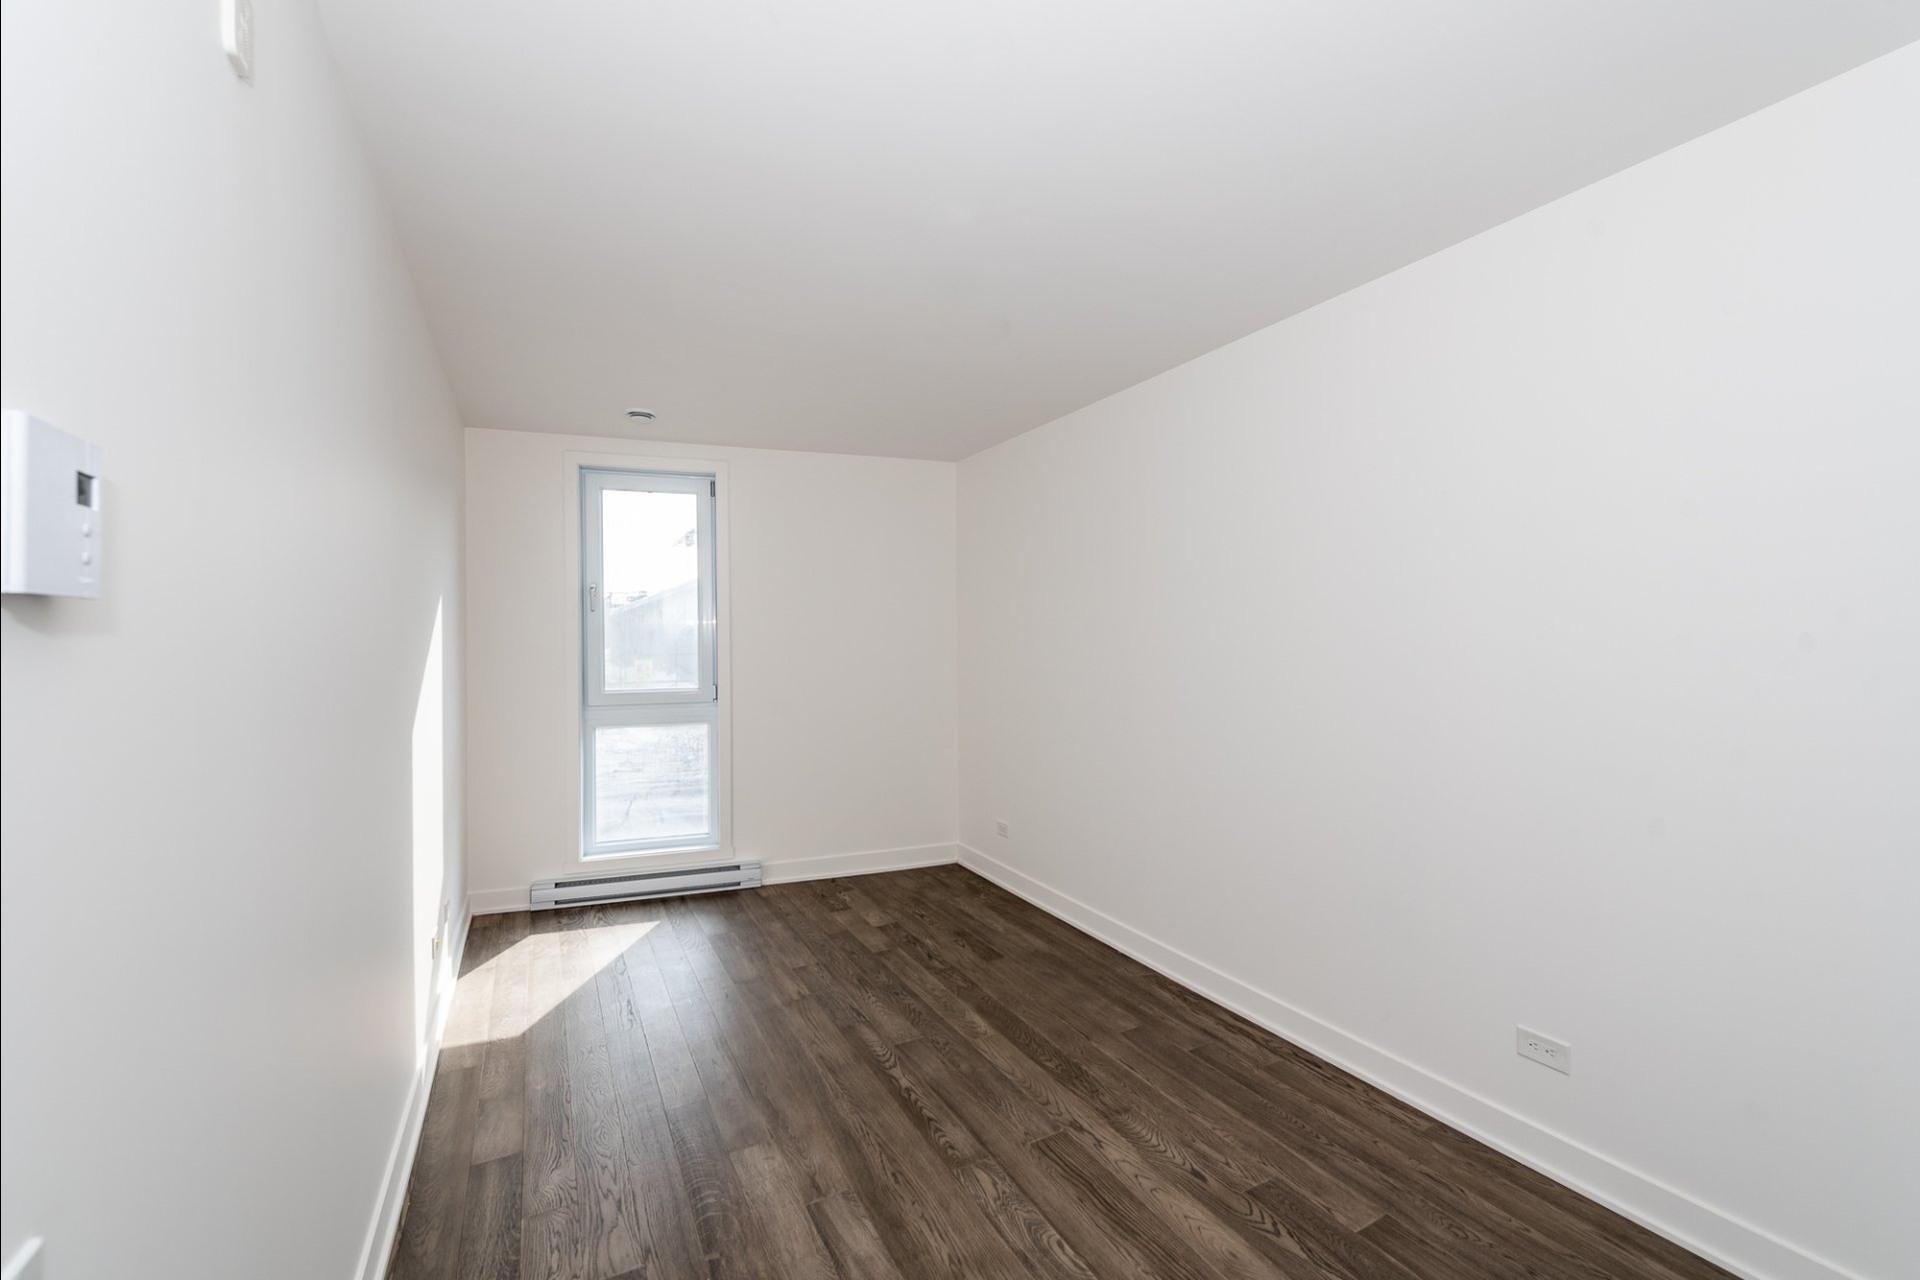 image 17 - Appartement À louer Villeray/Saint-Michel/Parc-Extension Montréal  - 5 pièces